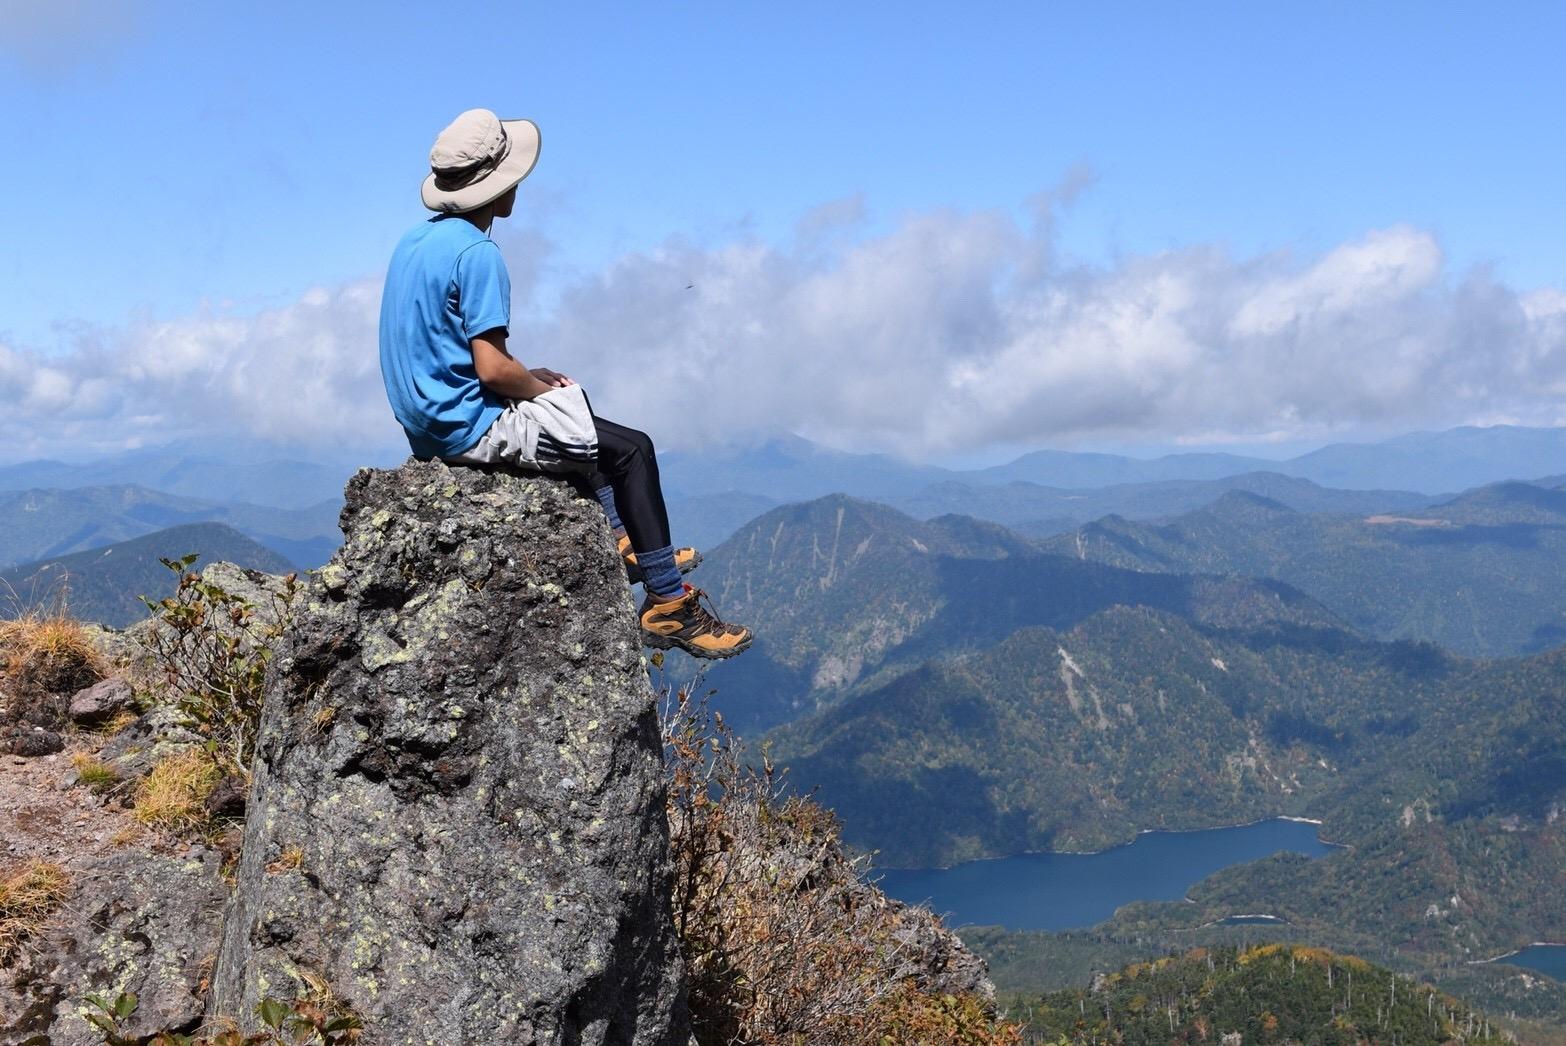 趣味が登山という男性の特徴とは?女性にモテると判明!